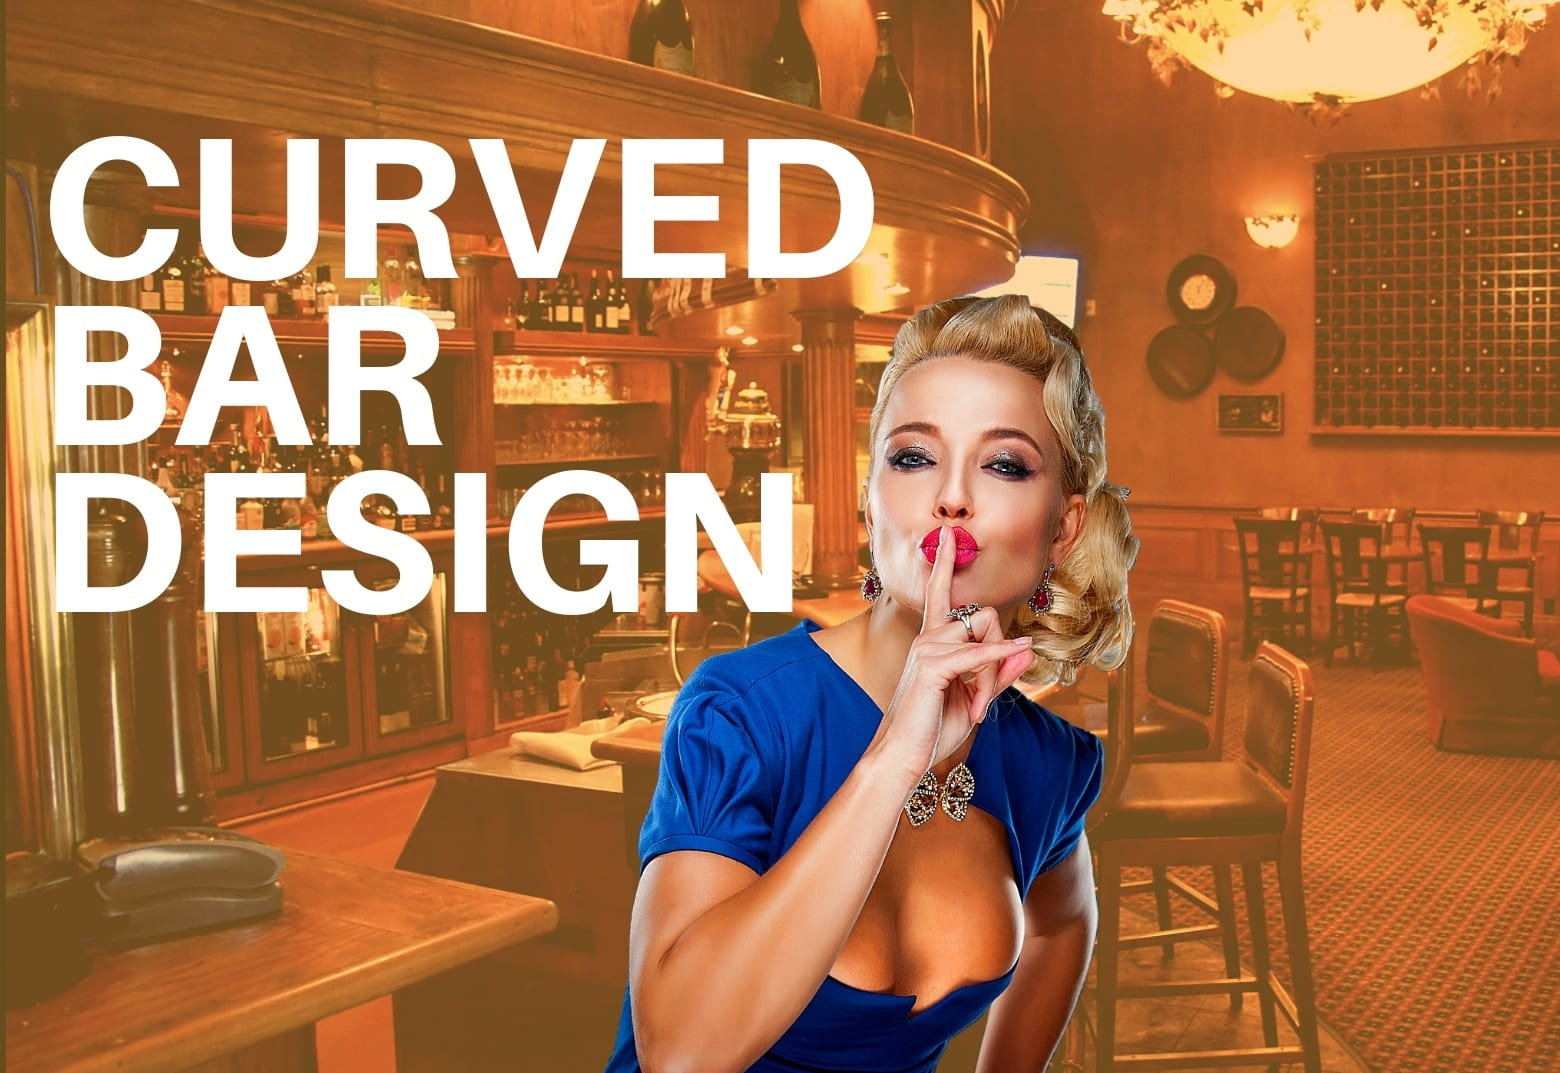 Curved bar design